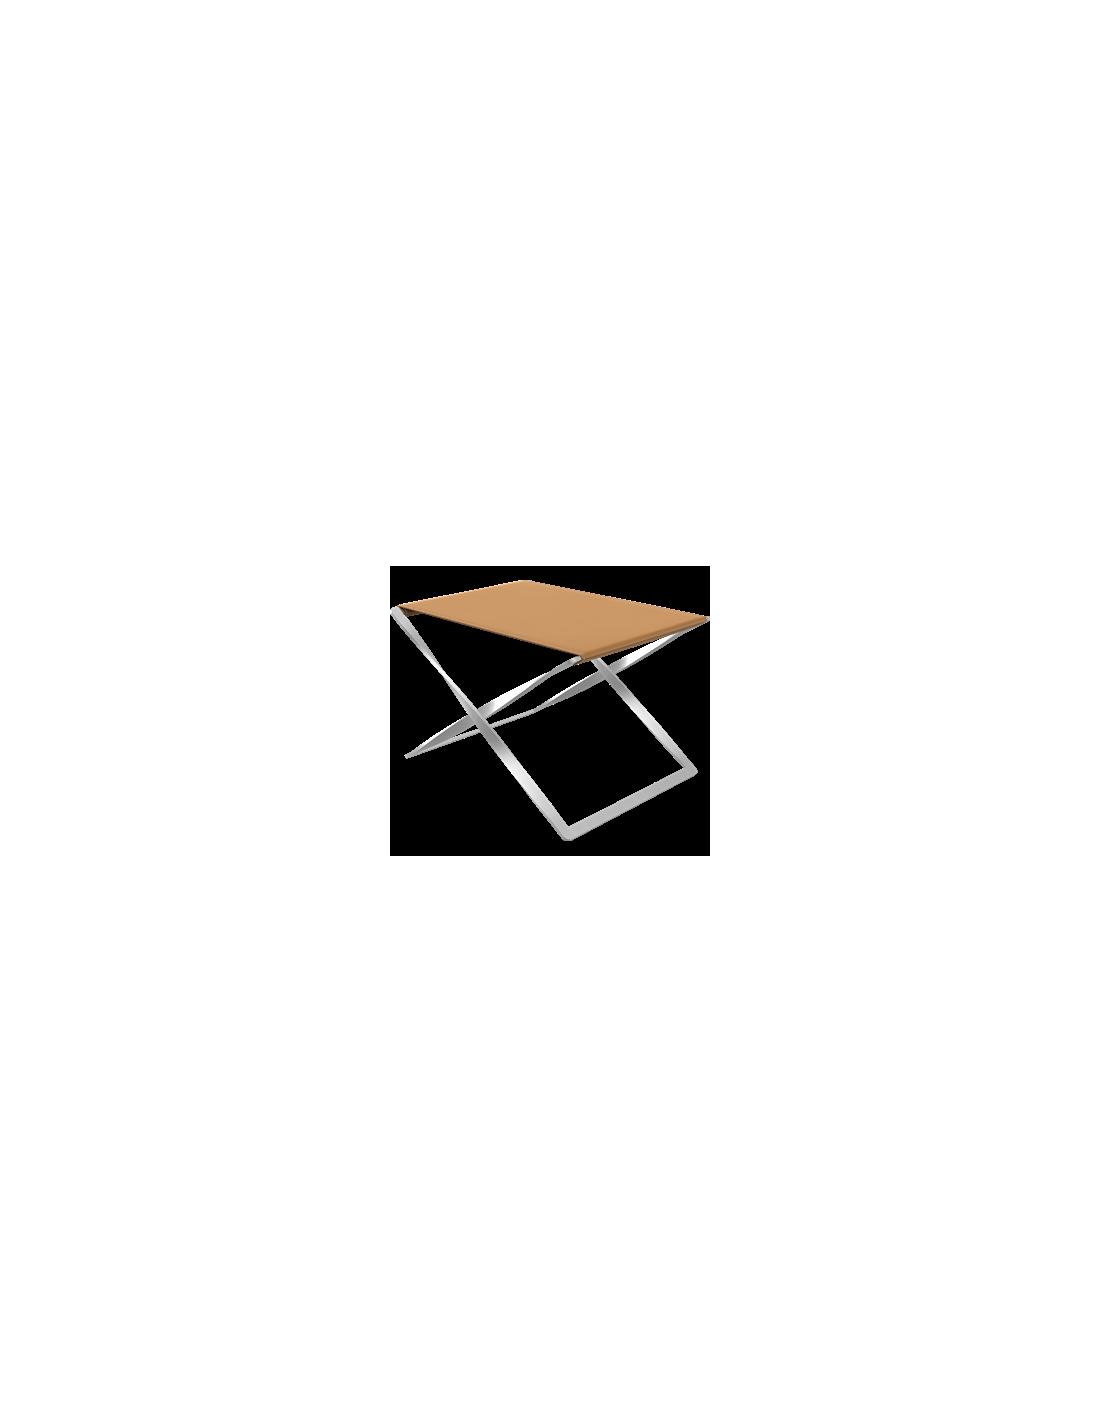 hocker pk91 von fritz hansen. Black Bedroom Furniture Sets. Home Design Ideas